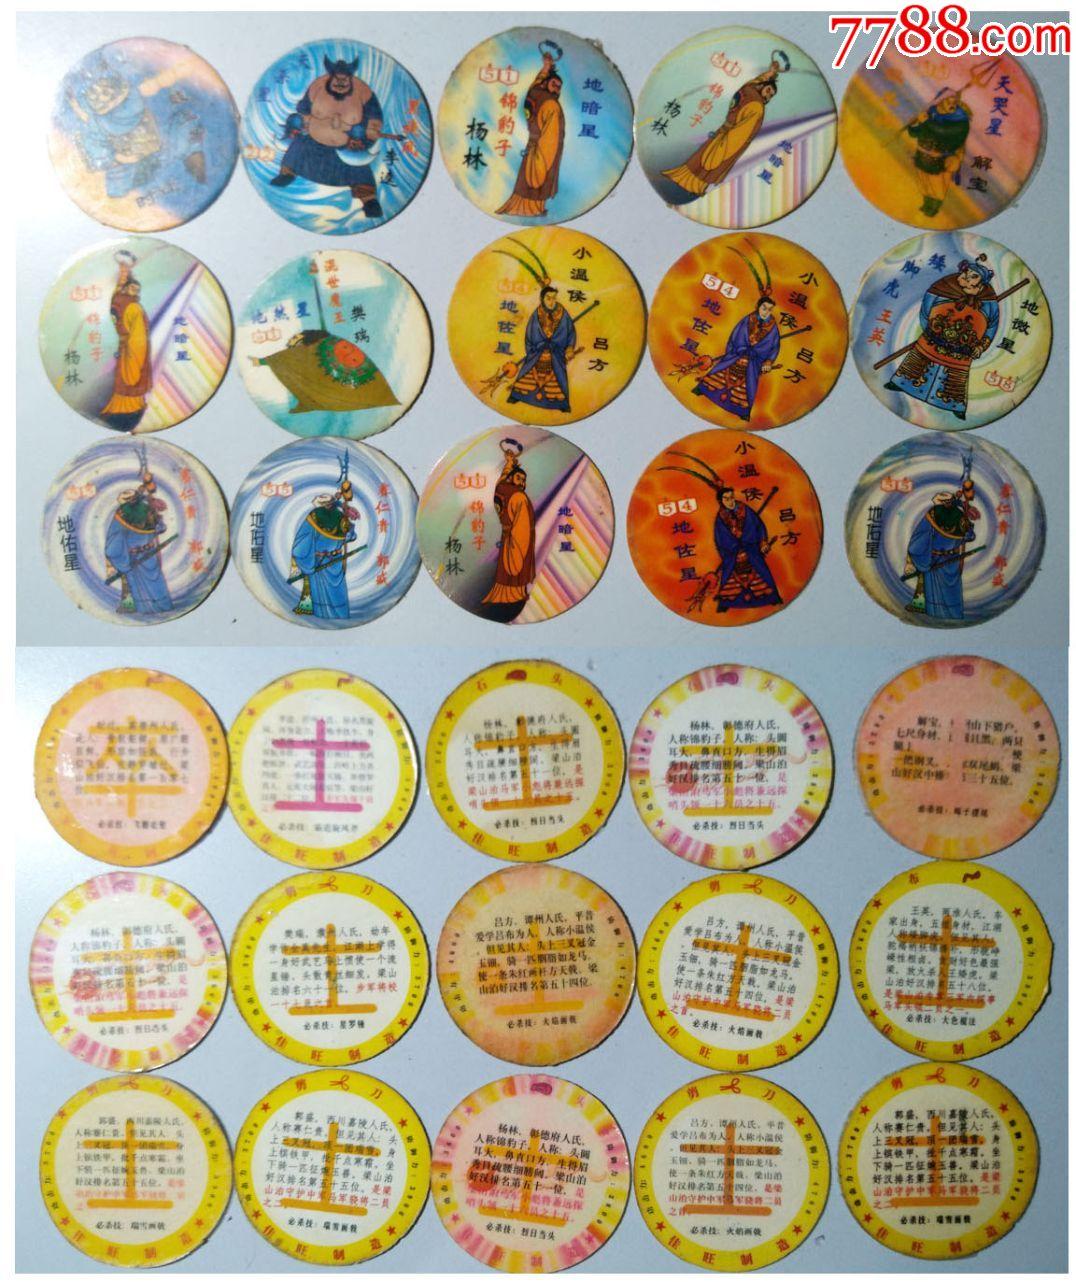 象棋-古代名著漫画食品圆卡一组百余枚_价格7566元_第5张_